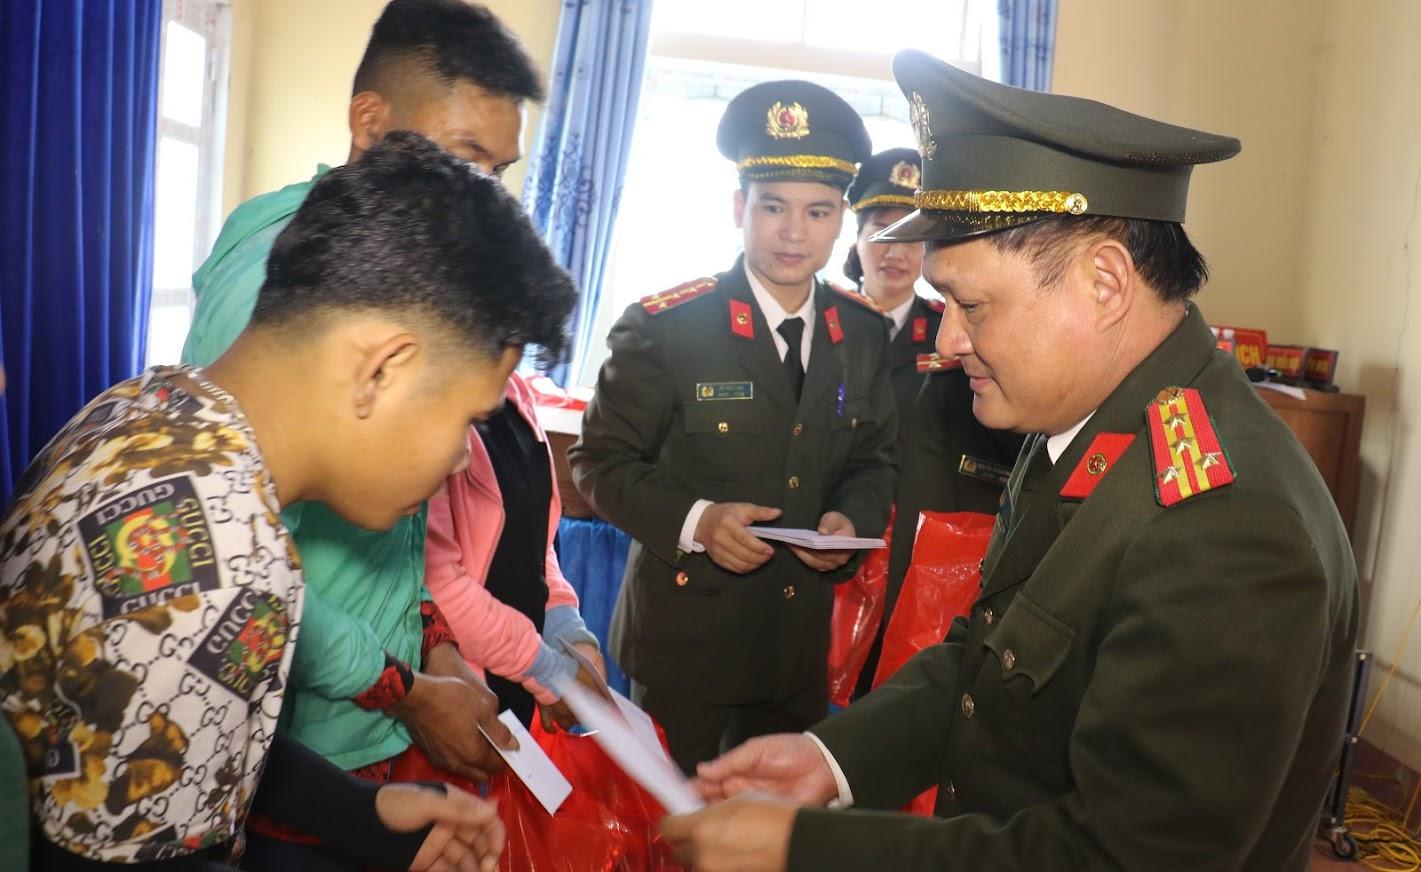 1.Đồng chí Đại tá Trần Thăng Long, Trưởng Phòng Hậu cần Công an tỉnh Nghệ An trao quà cho bà con nhân dân tại xã Thạch Ngàn, huyện Con Cuông